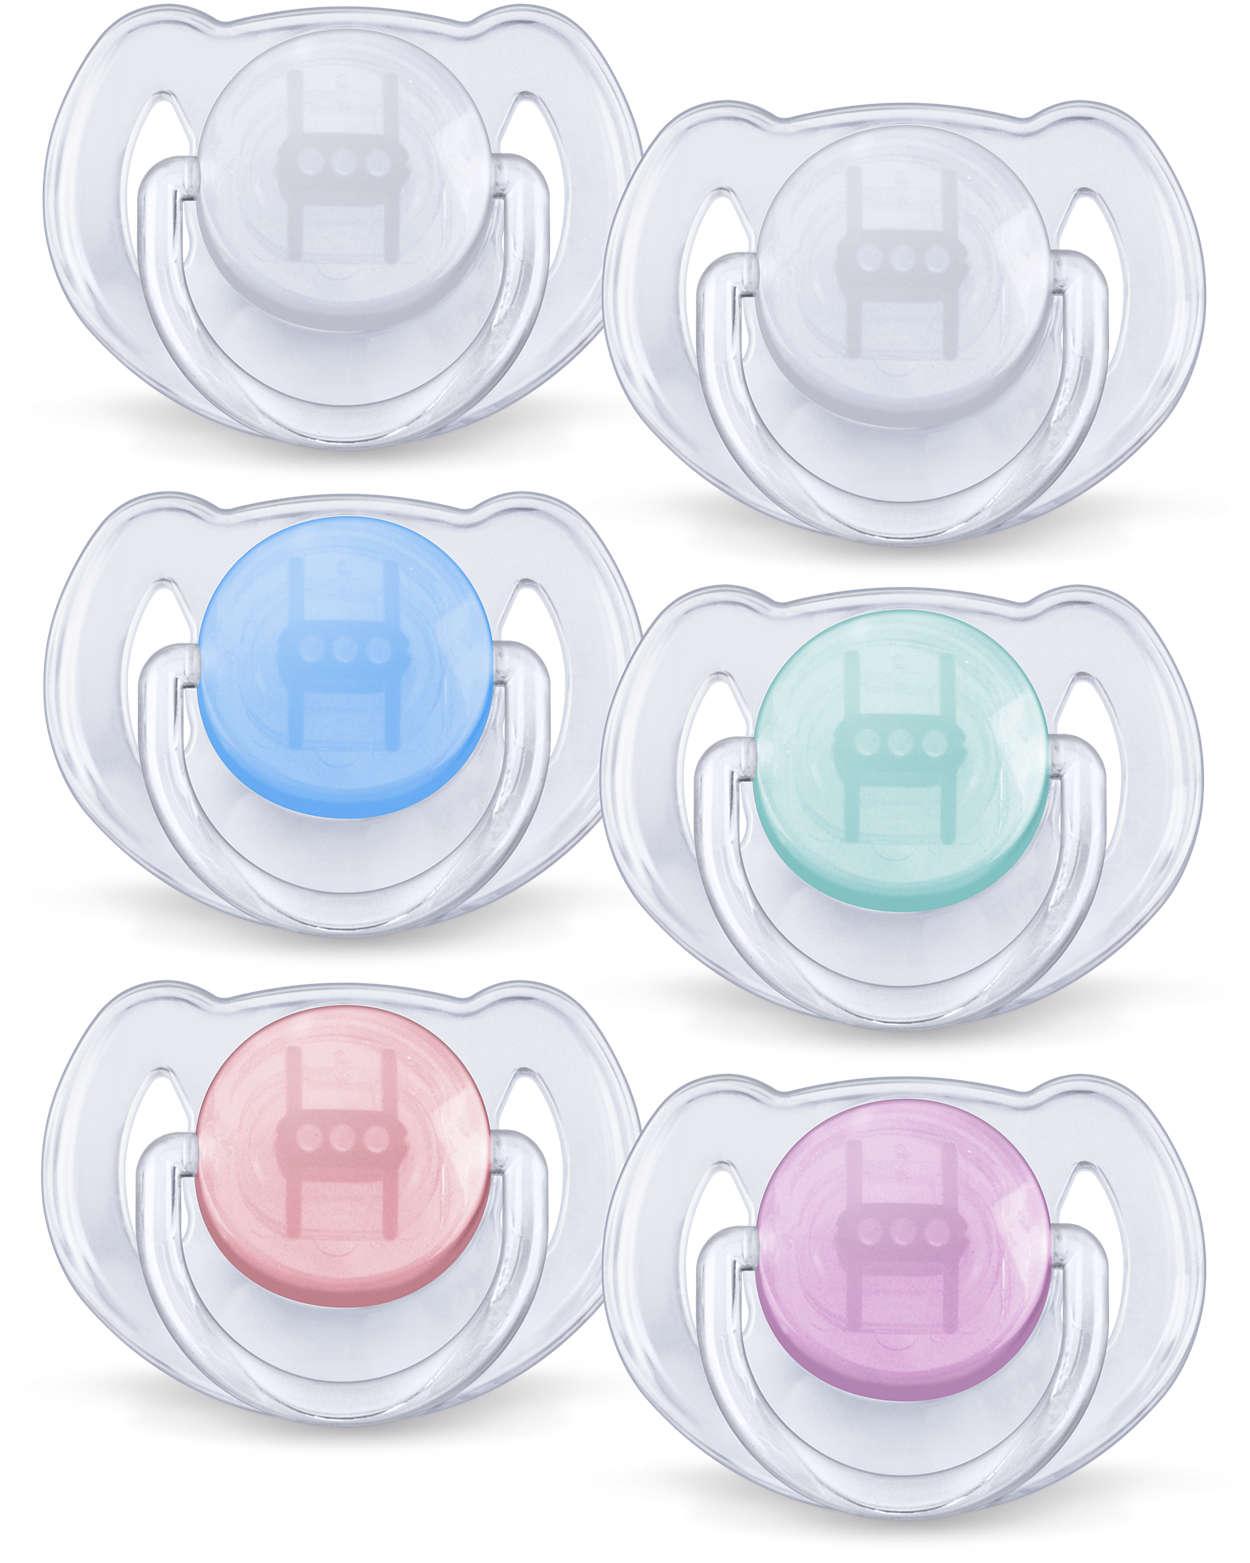 Designet for babyens trøstebehov hver dag